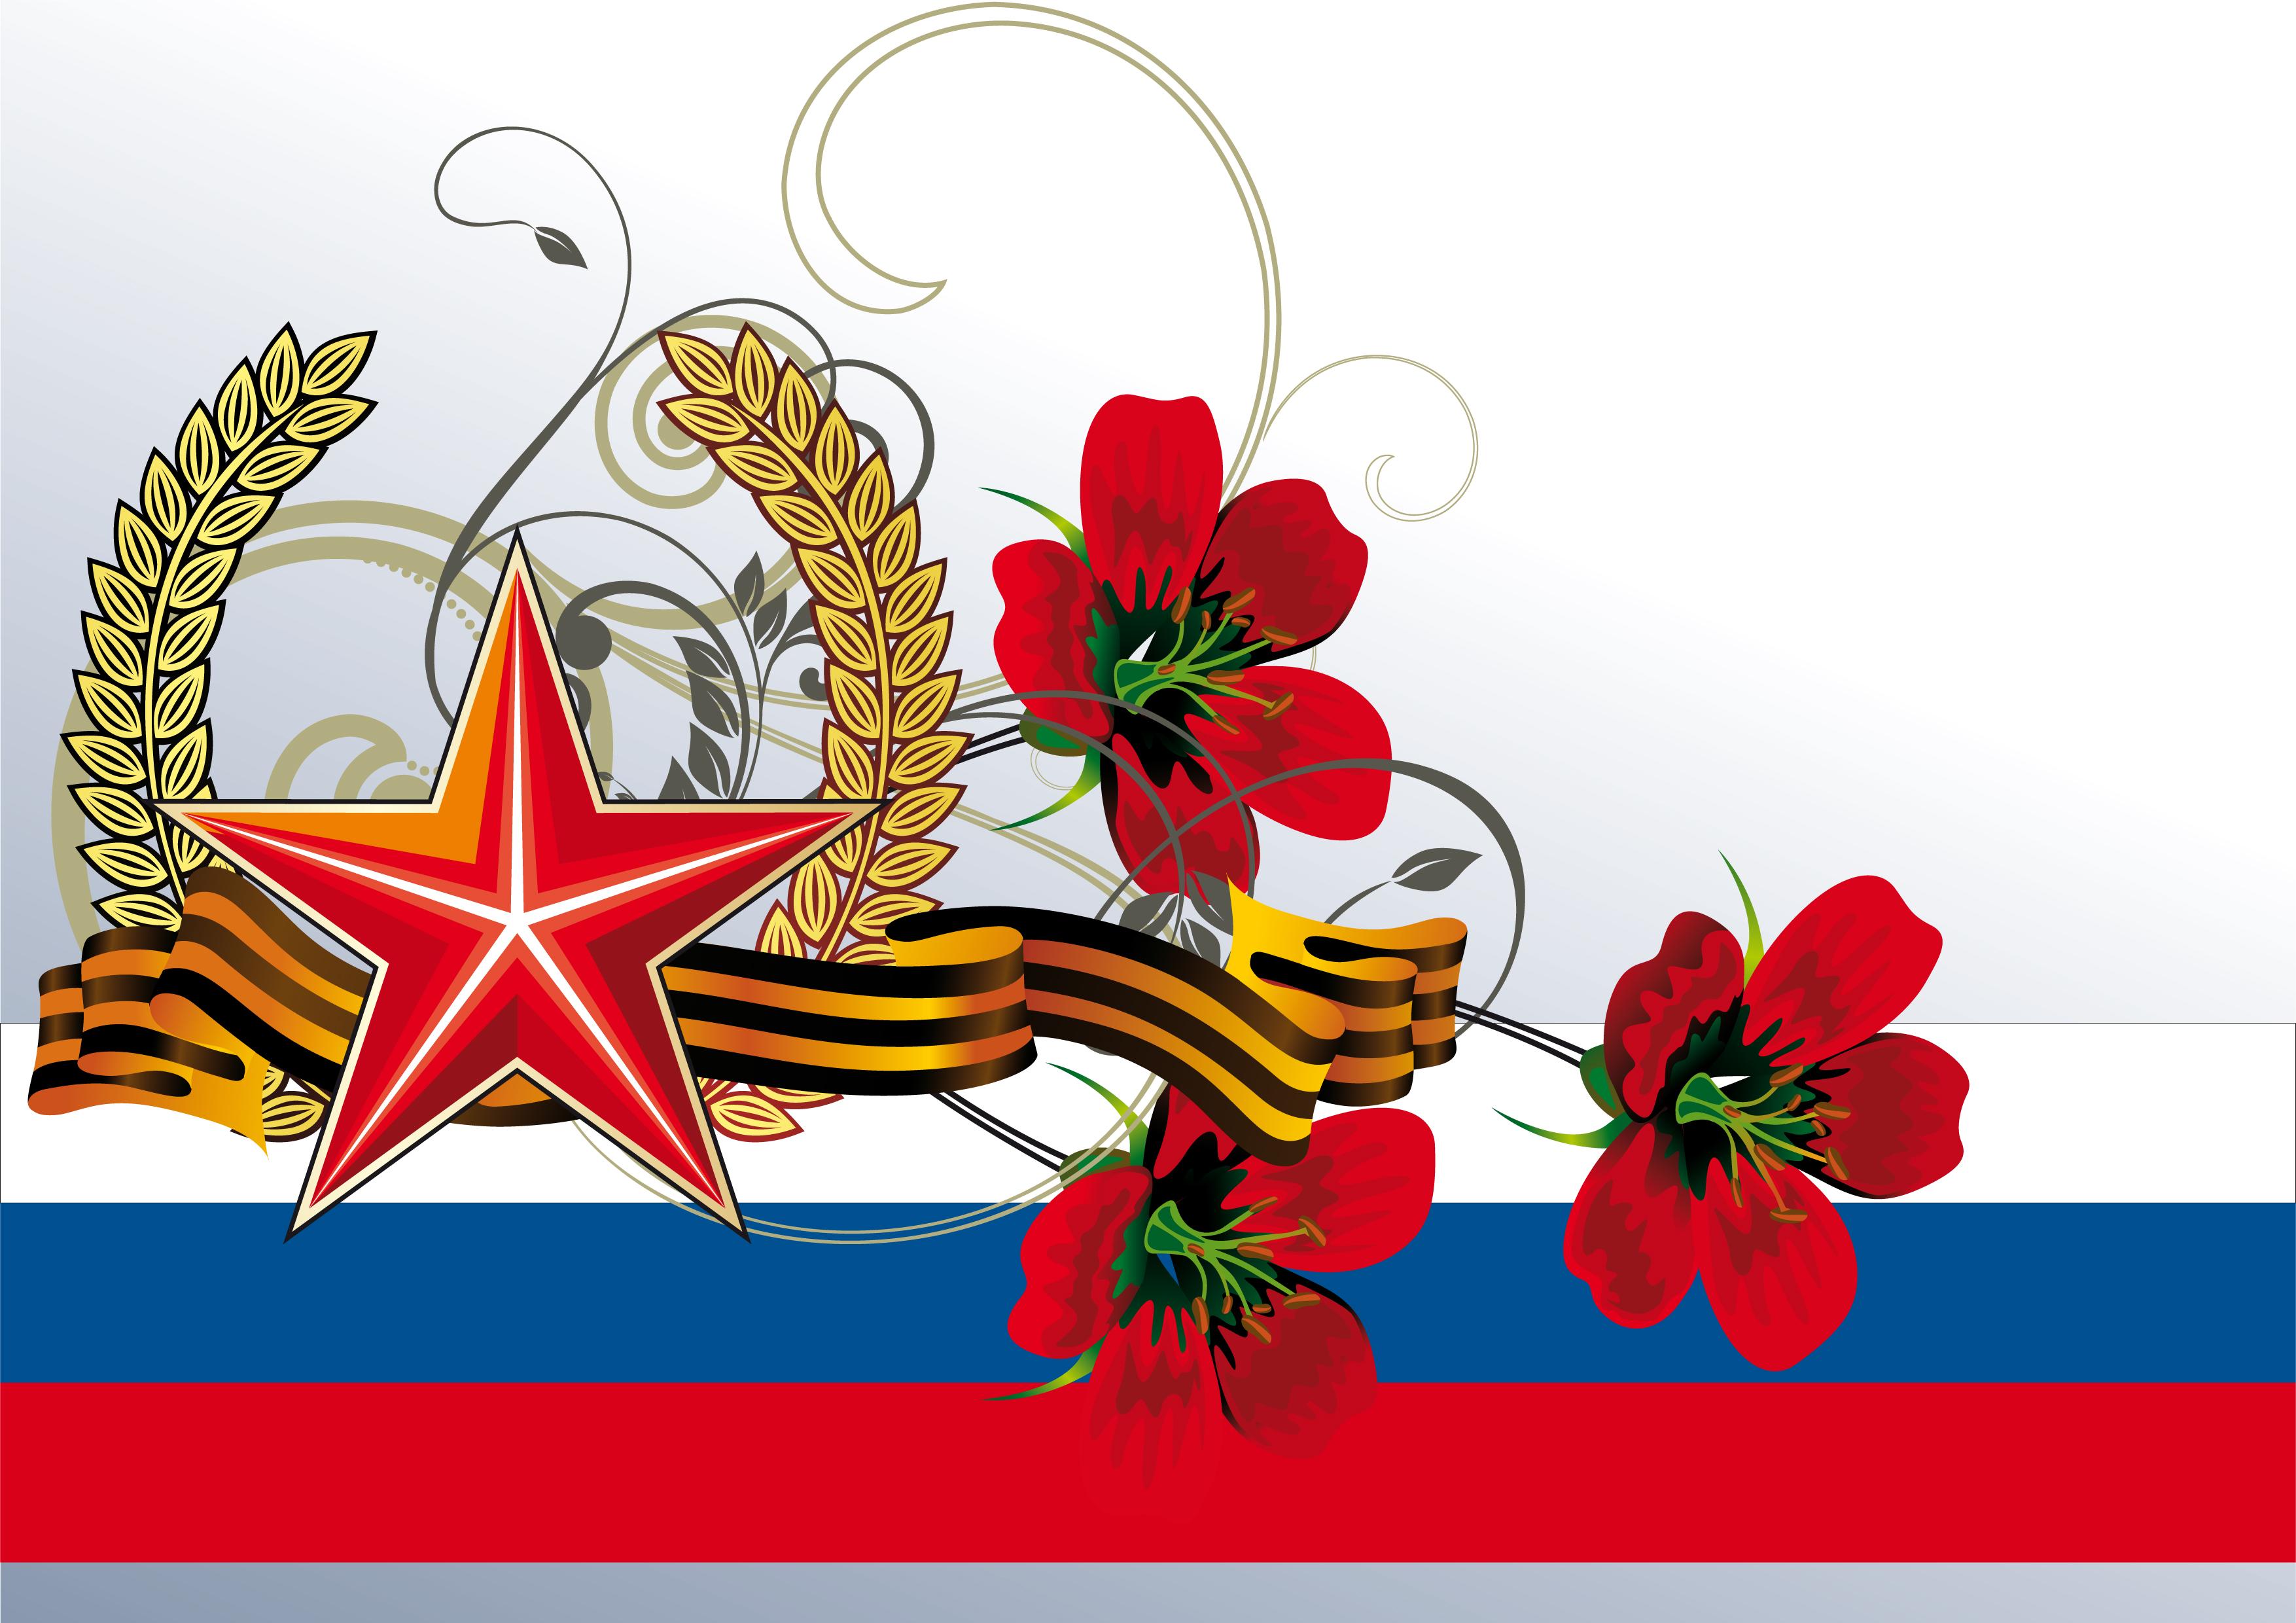 Поздравления для ветеранов на 23 февраля